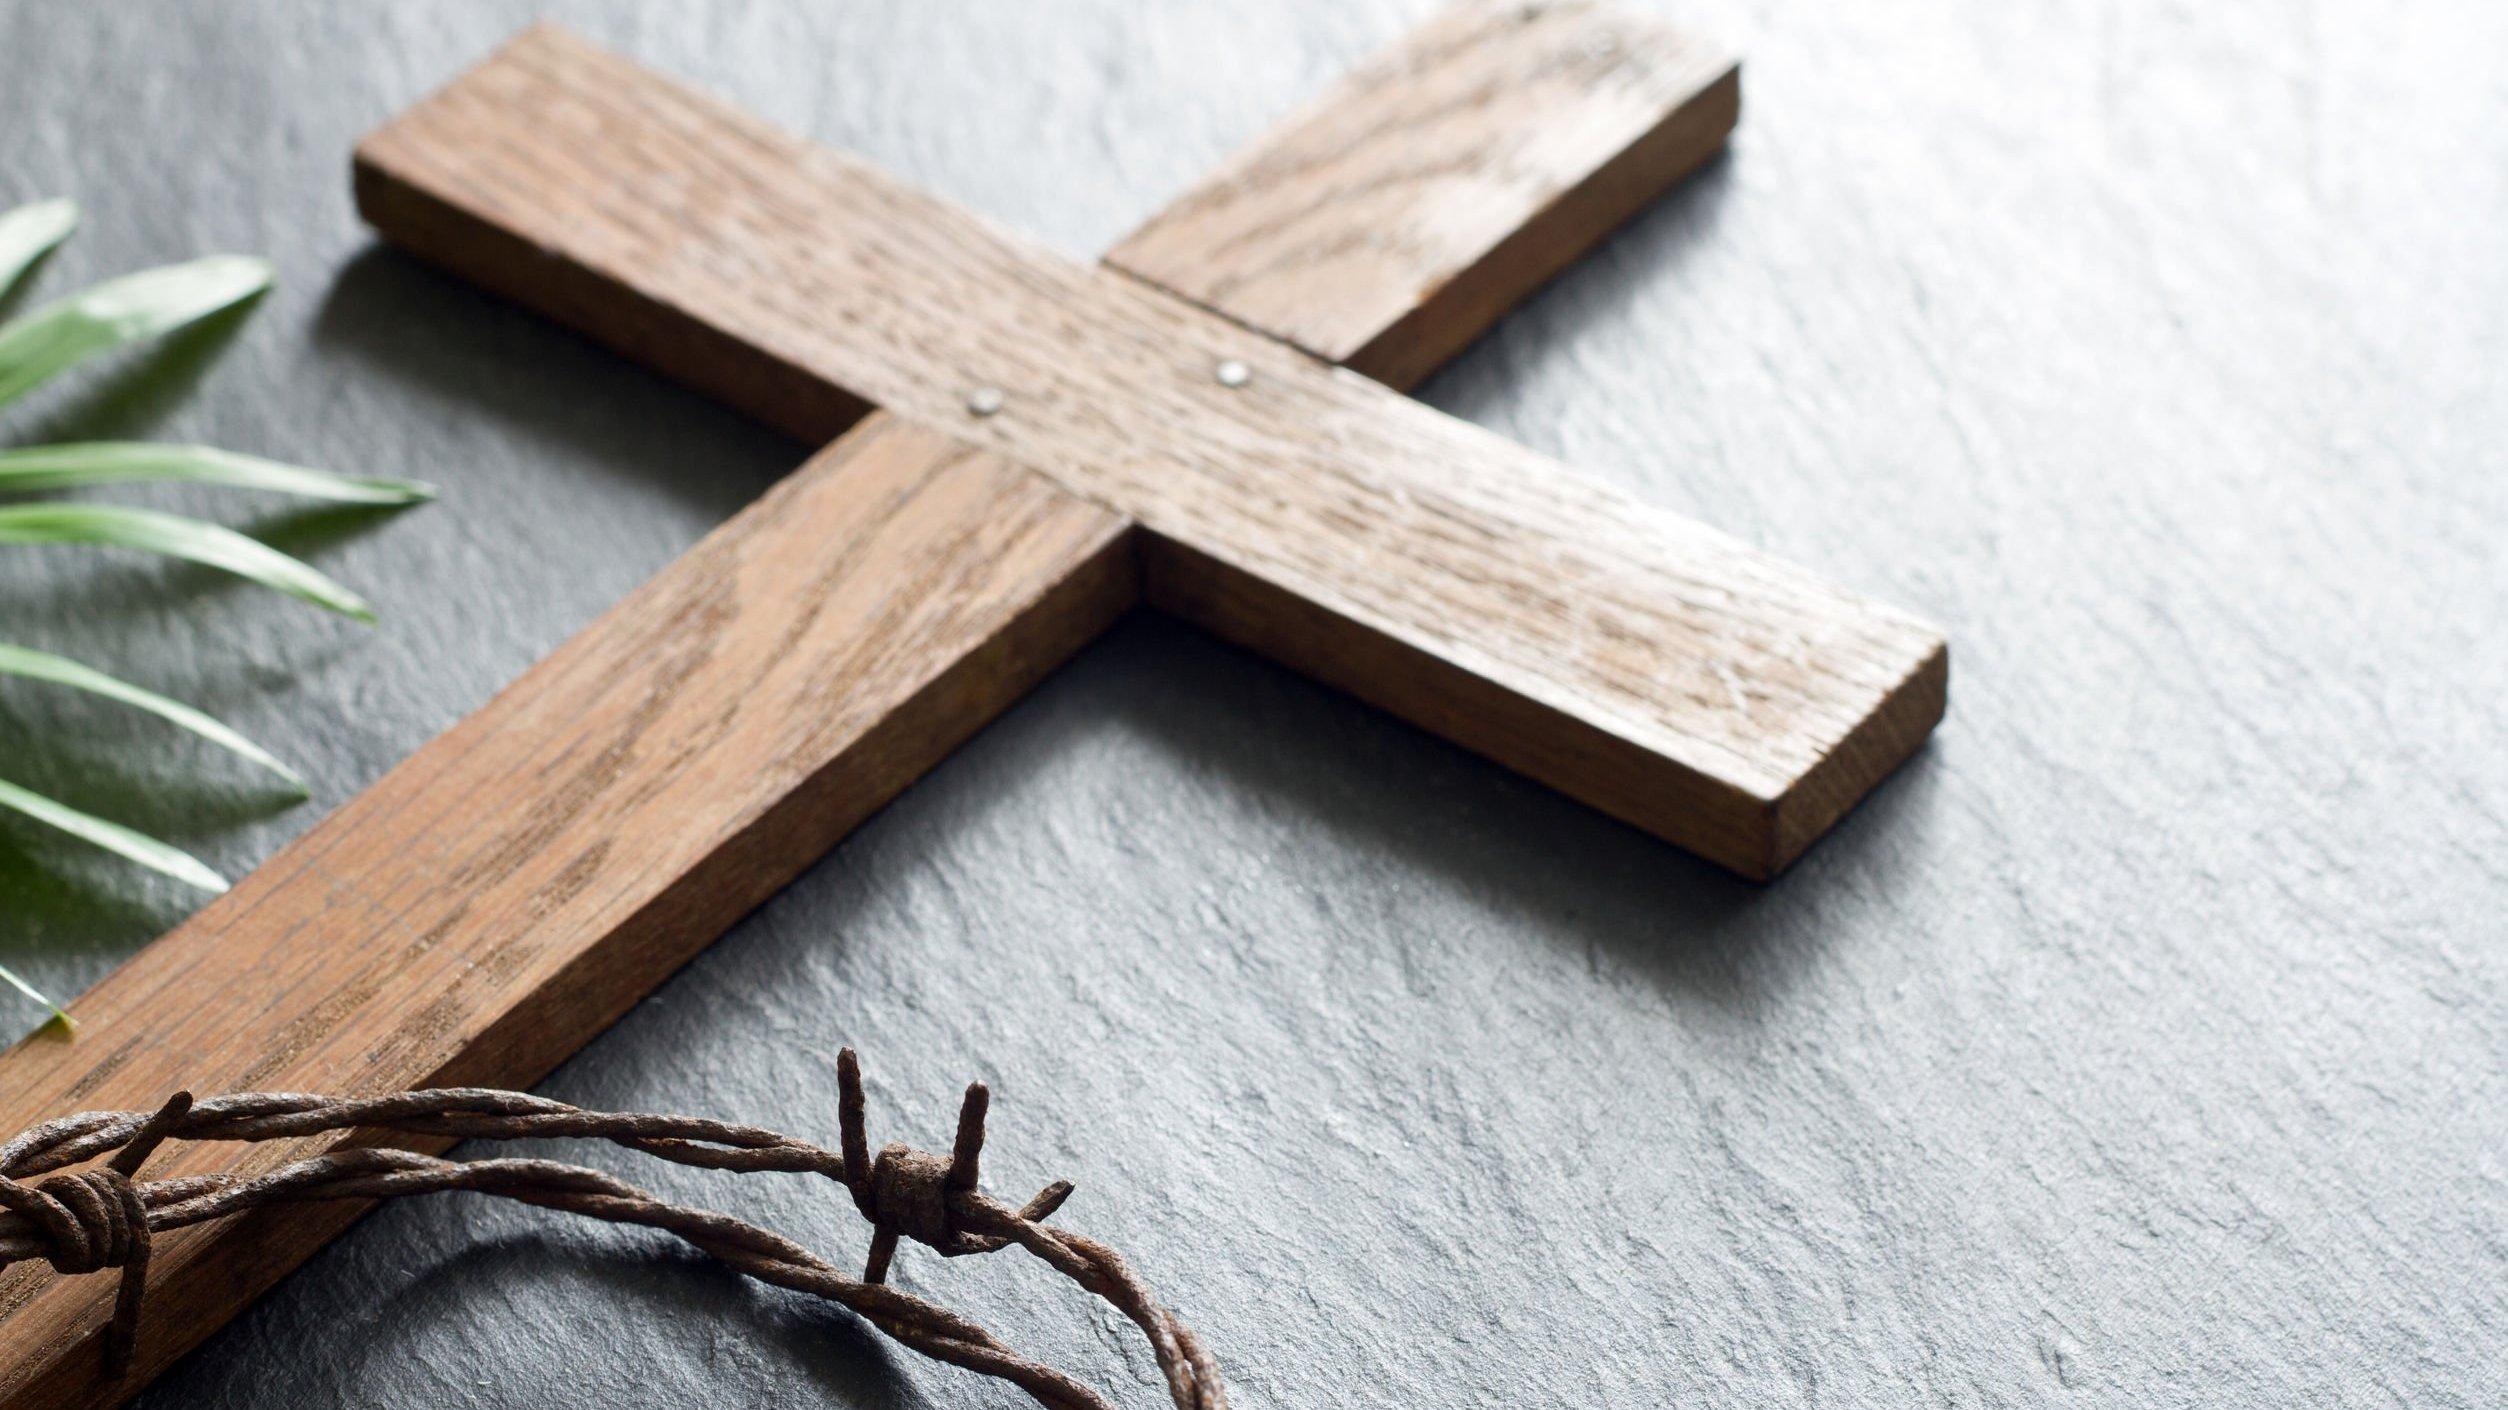 Cruz de madeira.